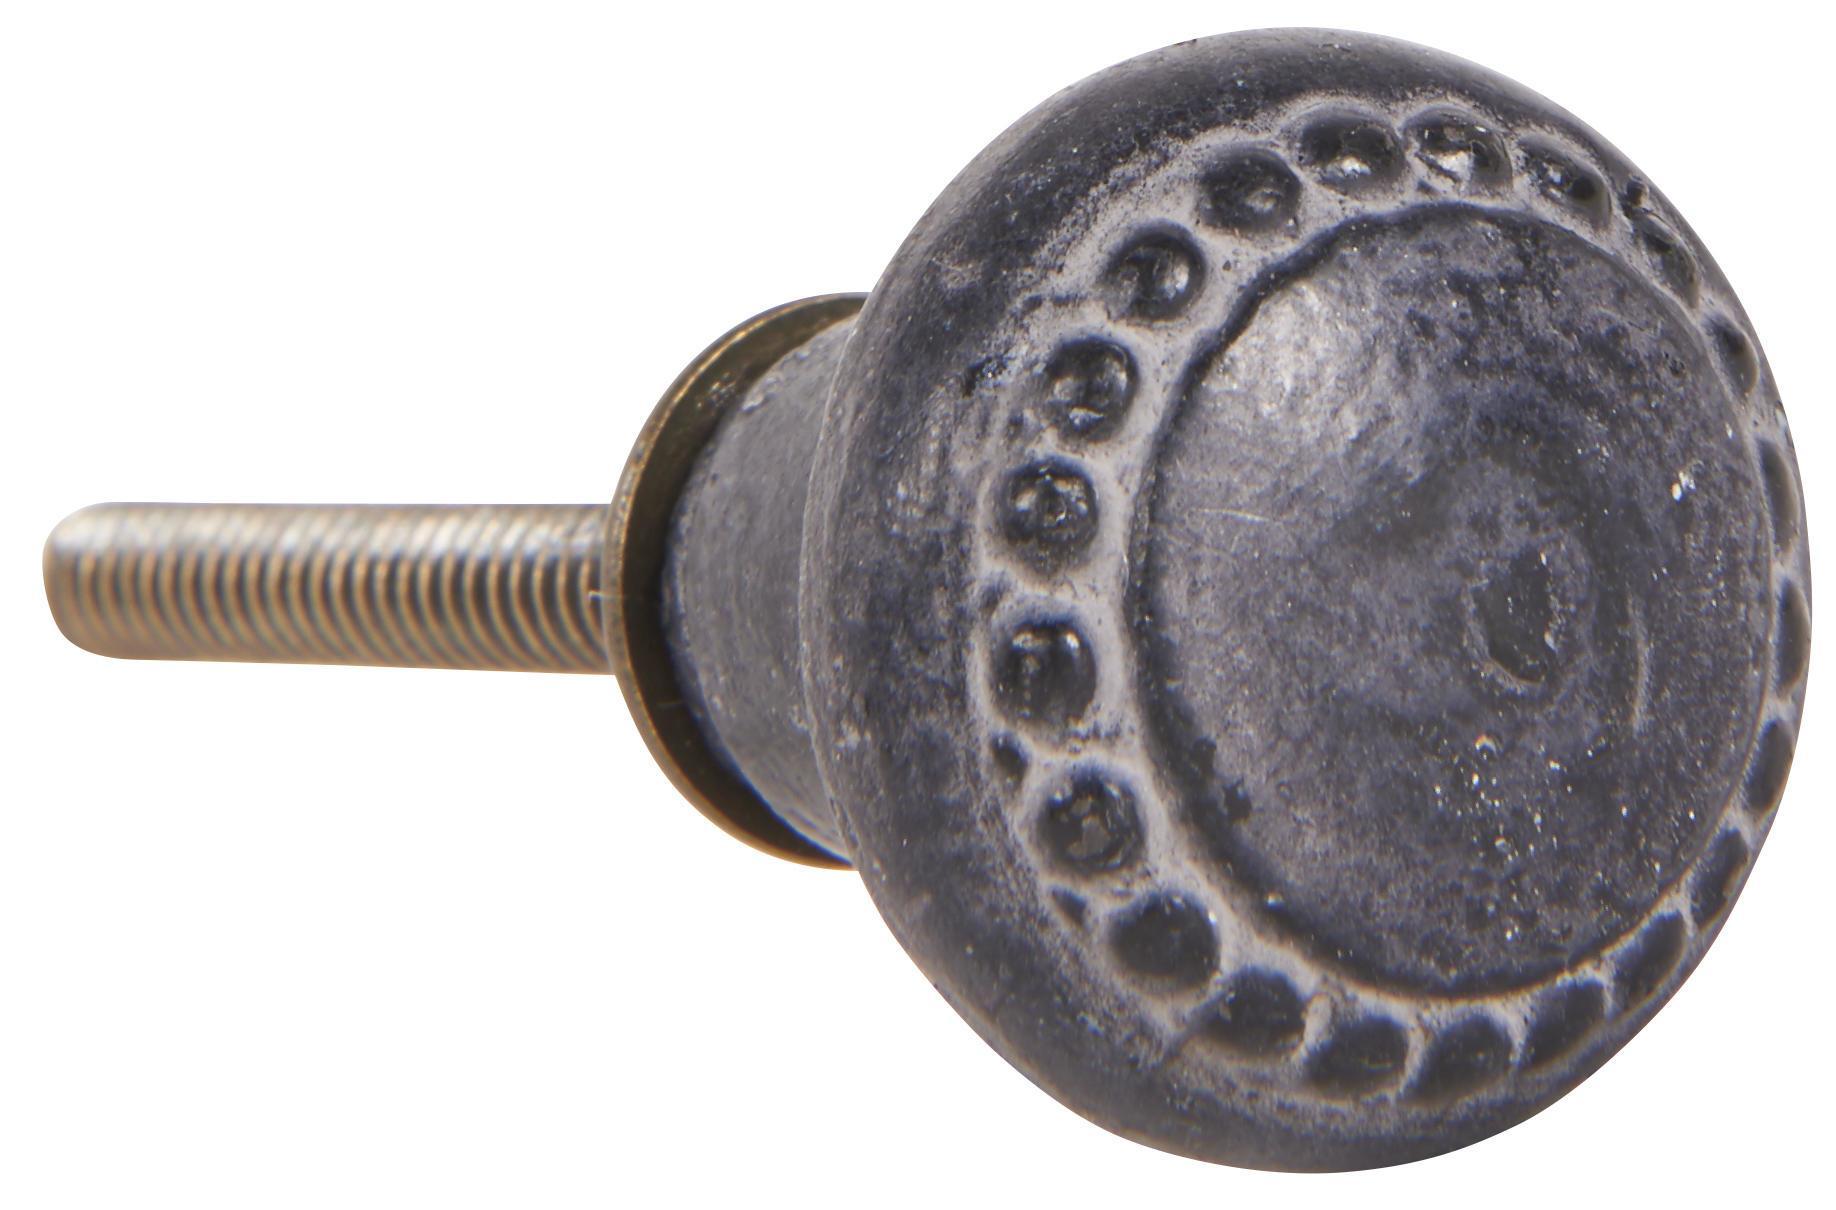 IB LAURSEN Kovová úchytka Black Casted Iron, šedá barva, černá barva, kov